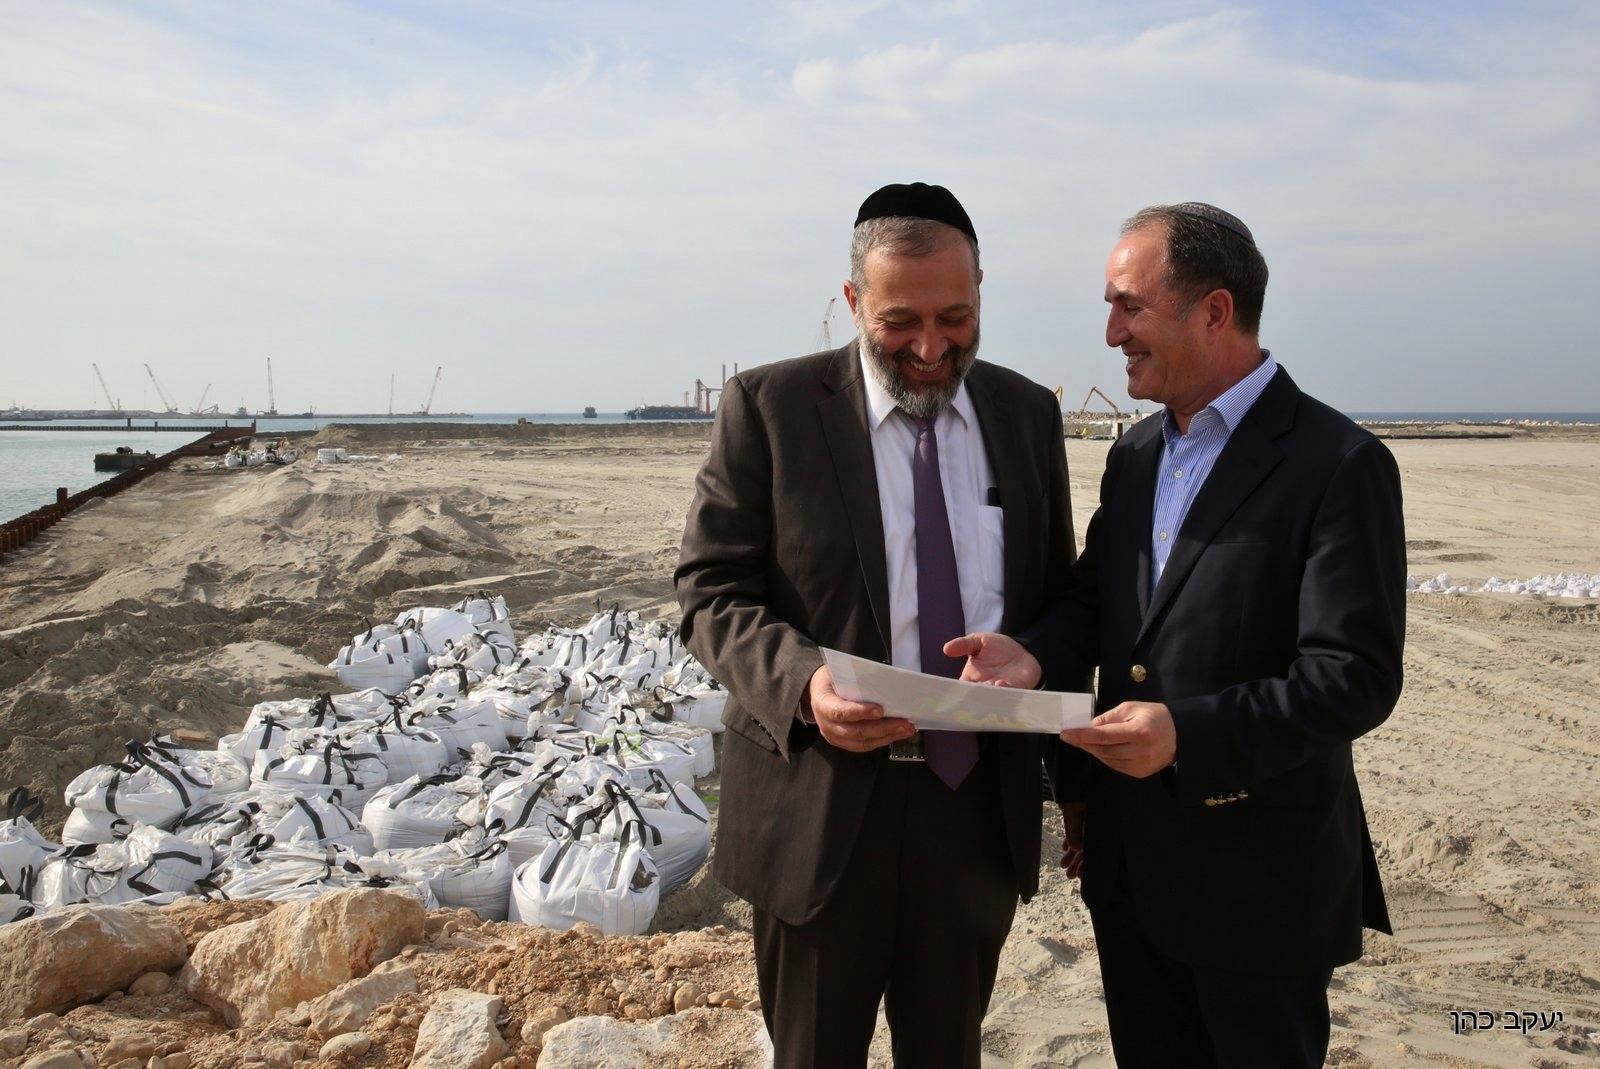 שר הפנים הודיע היום שיתמוך בהפיכת אשדוד לעיר מחוז